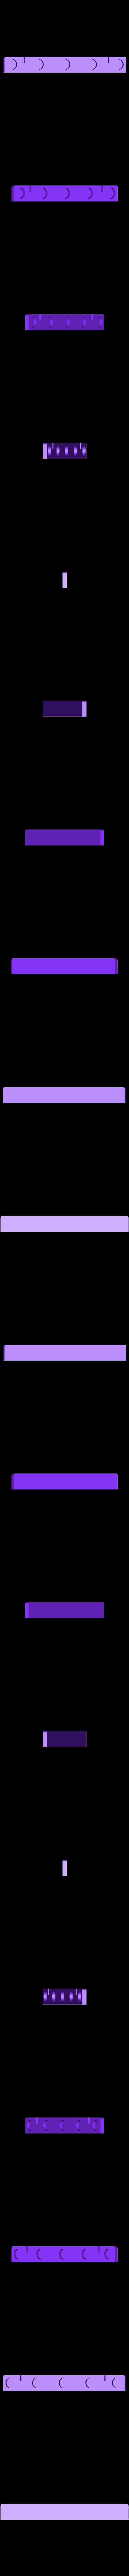 rule2.STL Télécharger fichier STL gratuit Imprimante à pochoir • Objet pour imprimante 3D, perinski